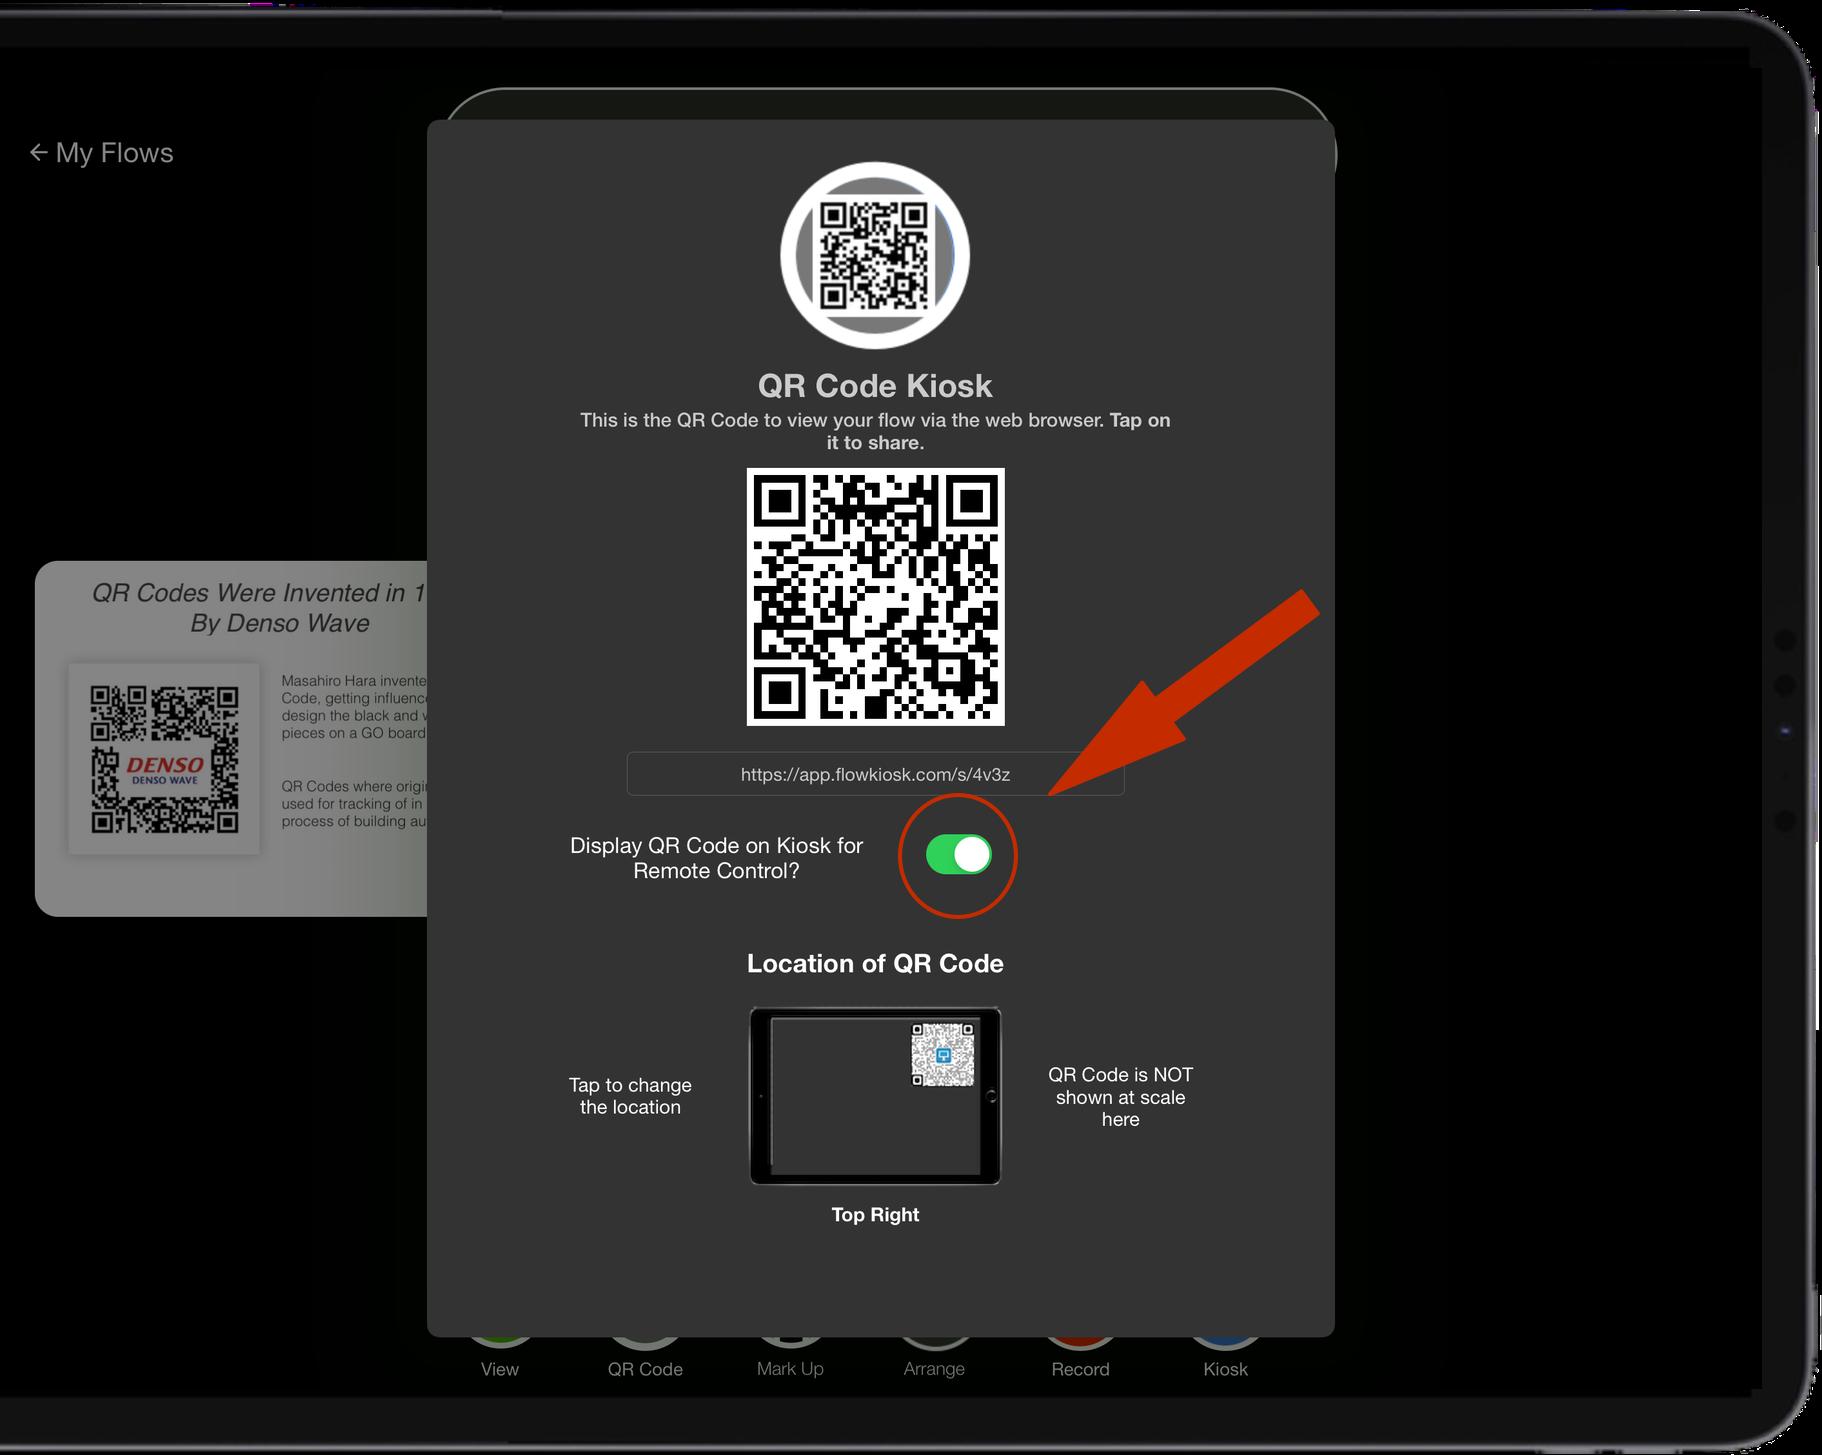 qr-code-kiosk-display-settings